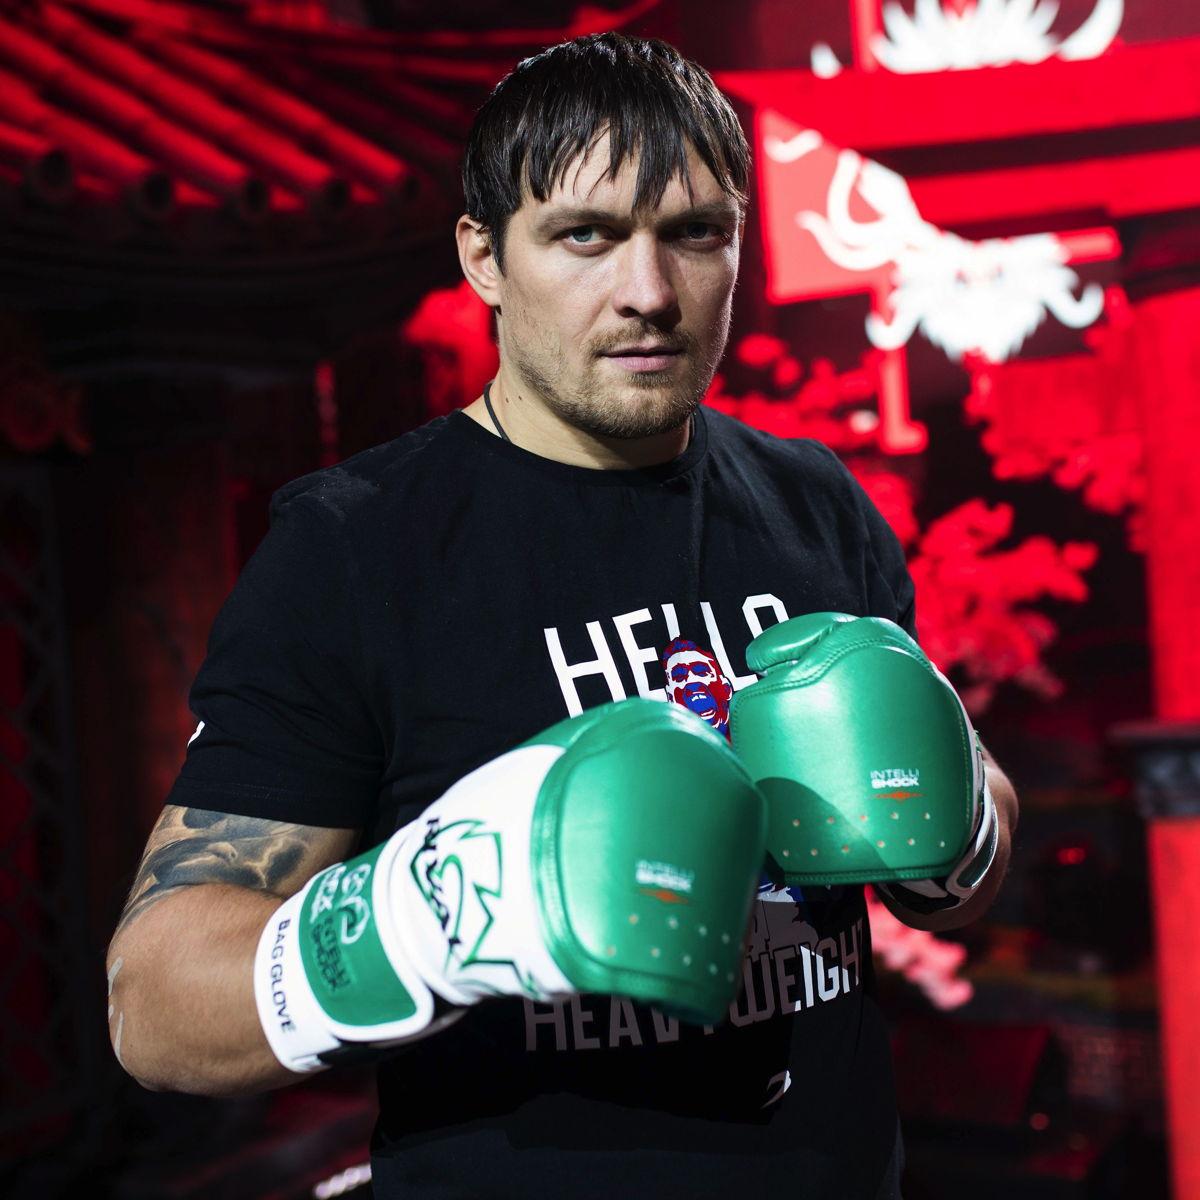 Олександр Усик, чемпіон світу з боксу у важкій вазі. Фото: WePlay Esports